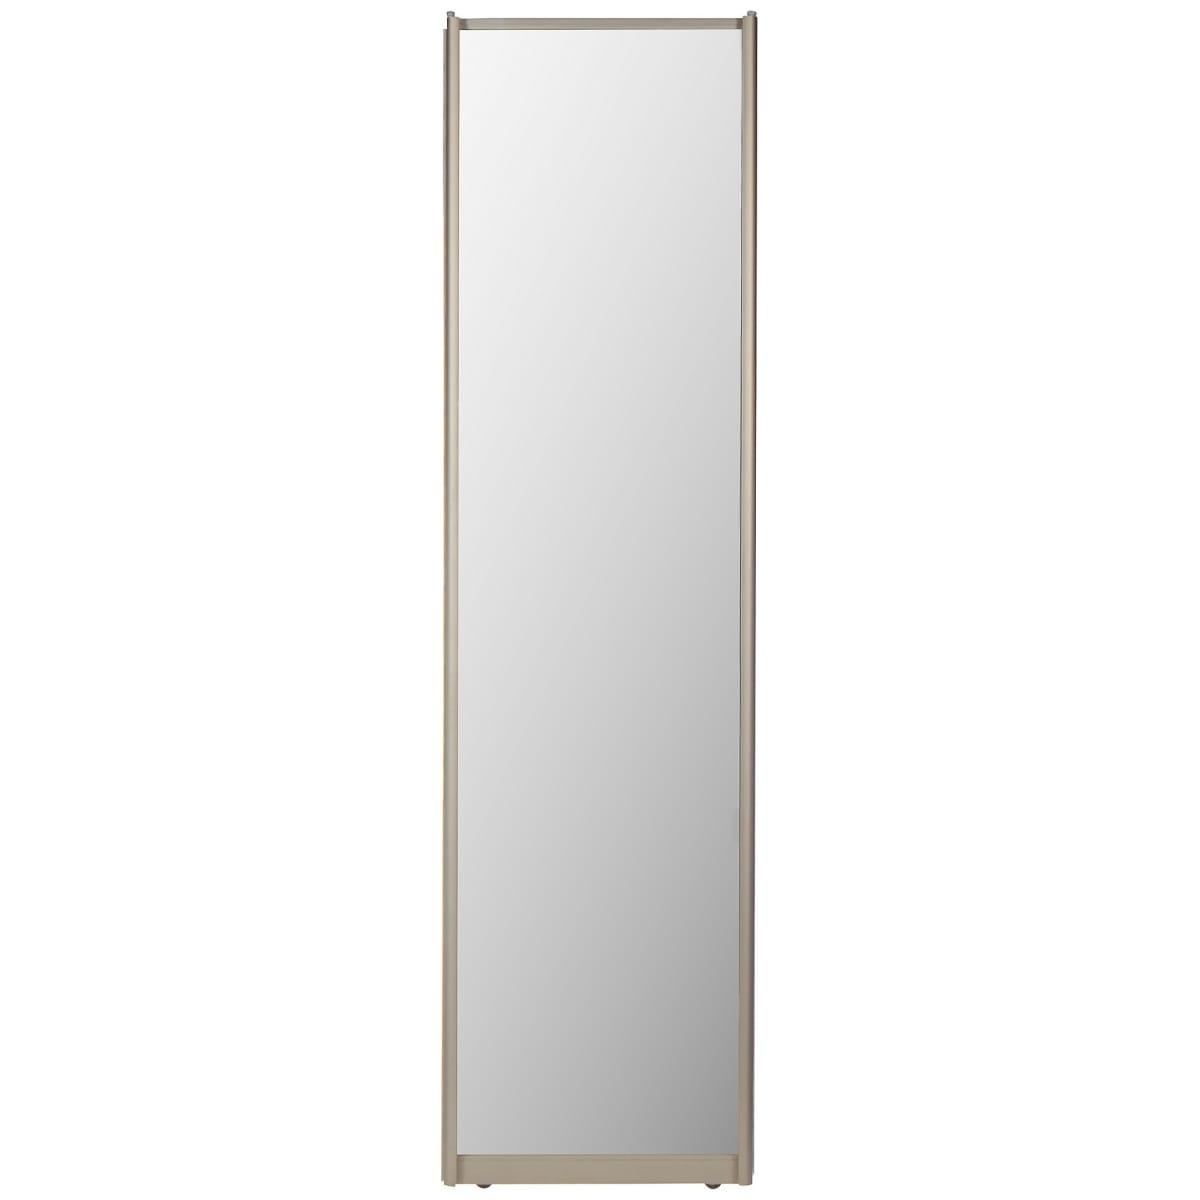 Дверь-купе, 2255х704 мм, цвет зеркало/шампань